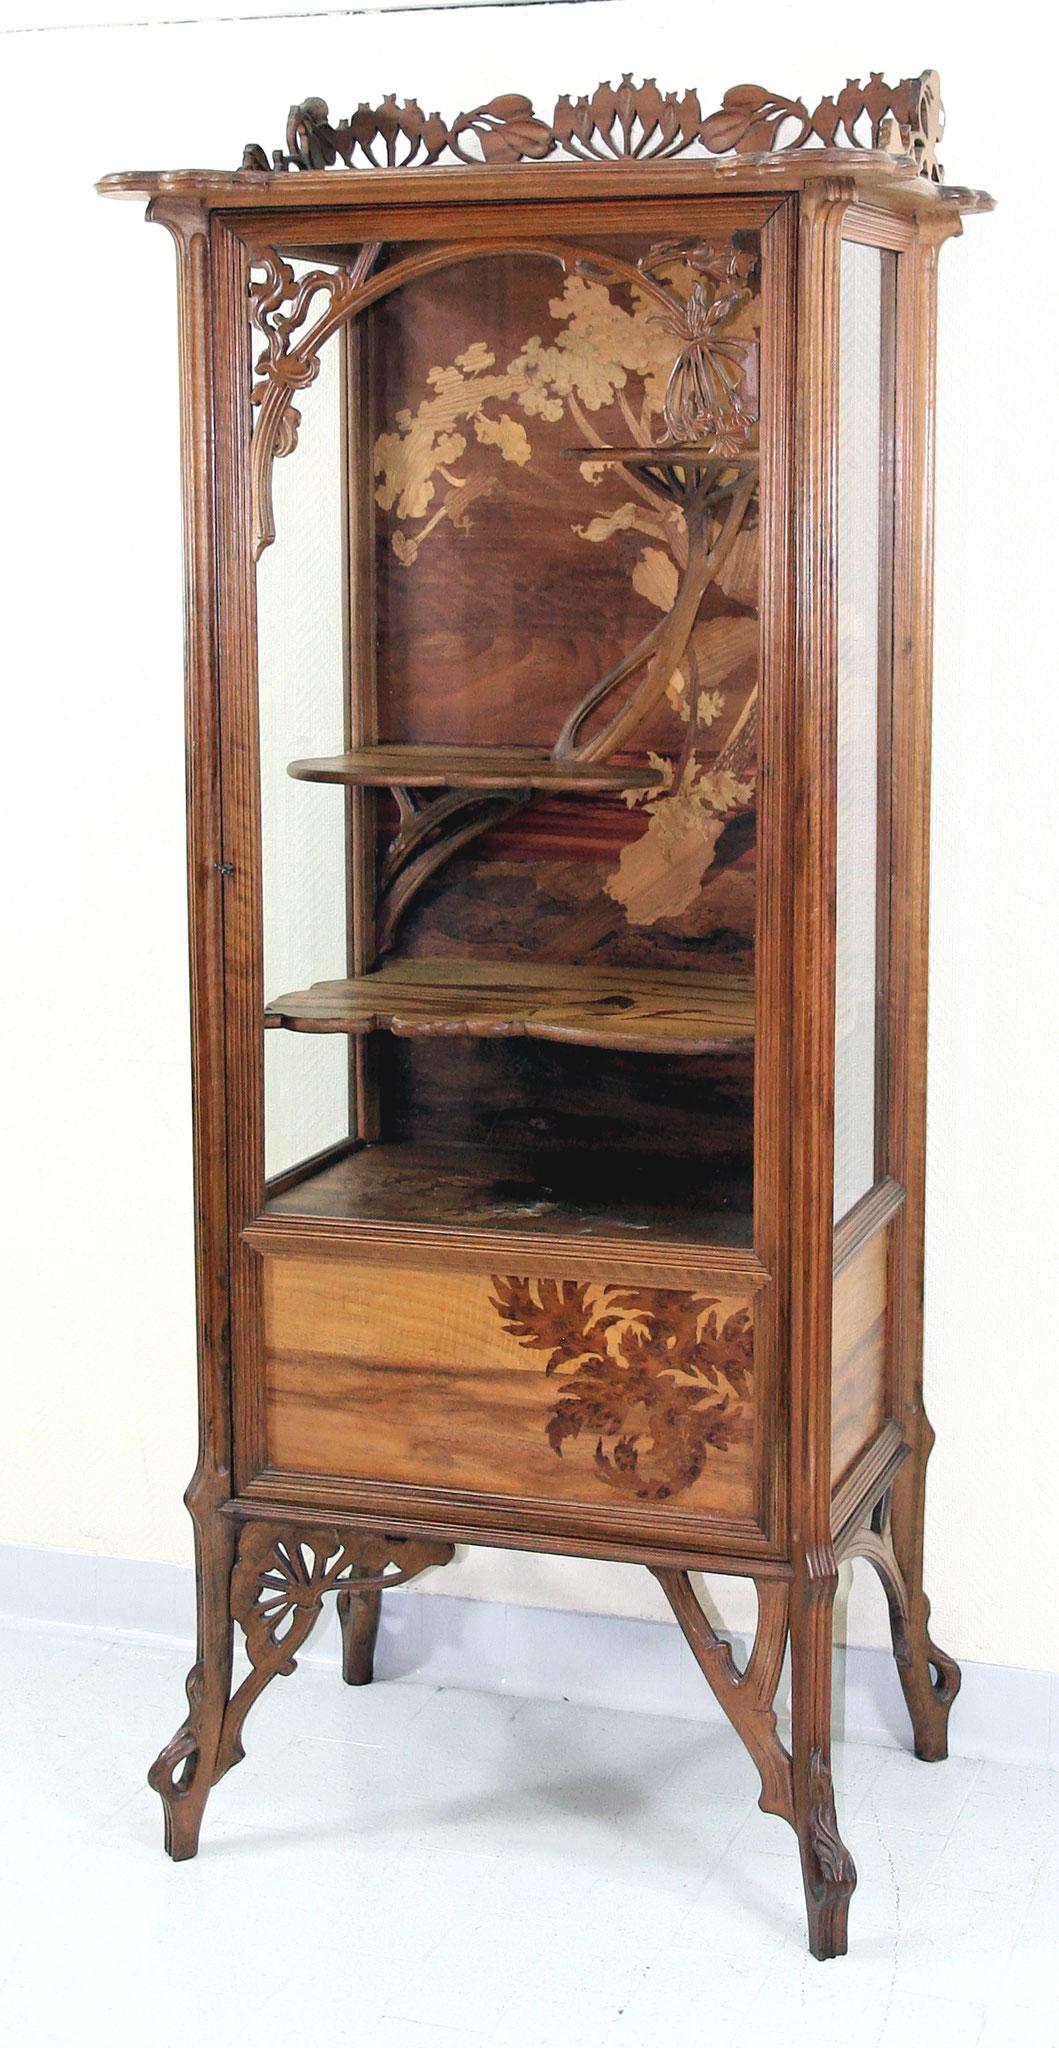 Adjugé 58 970 € - Emile GALLE, VITRINE à décor d'ombellifères, vers 1900, H : 172 cm